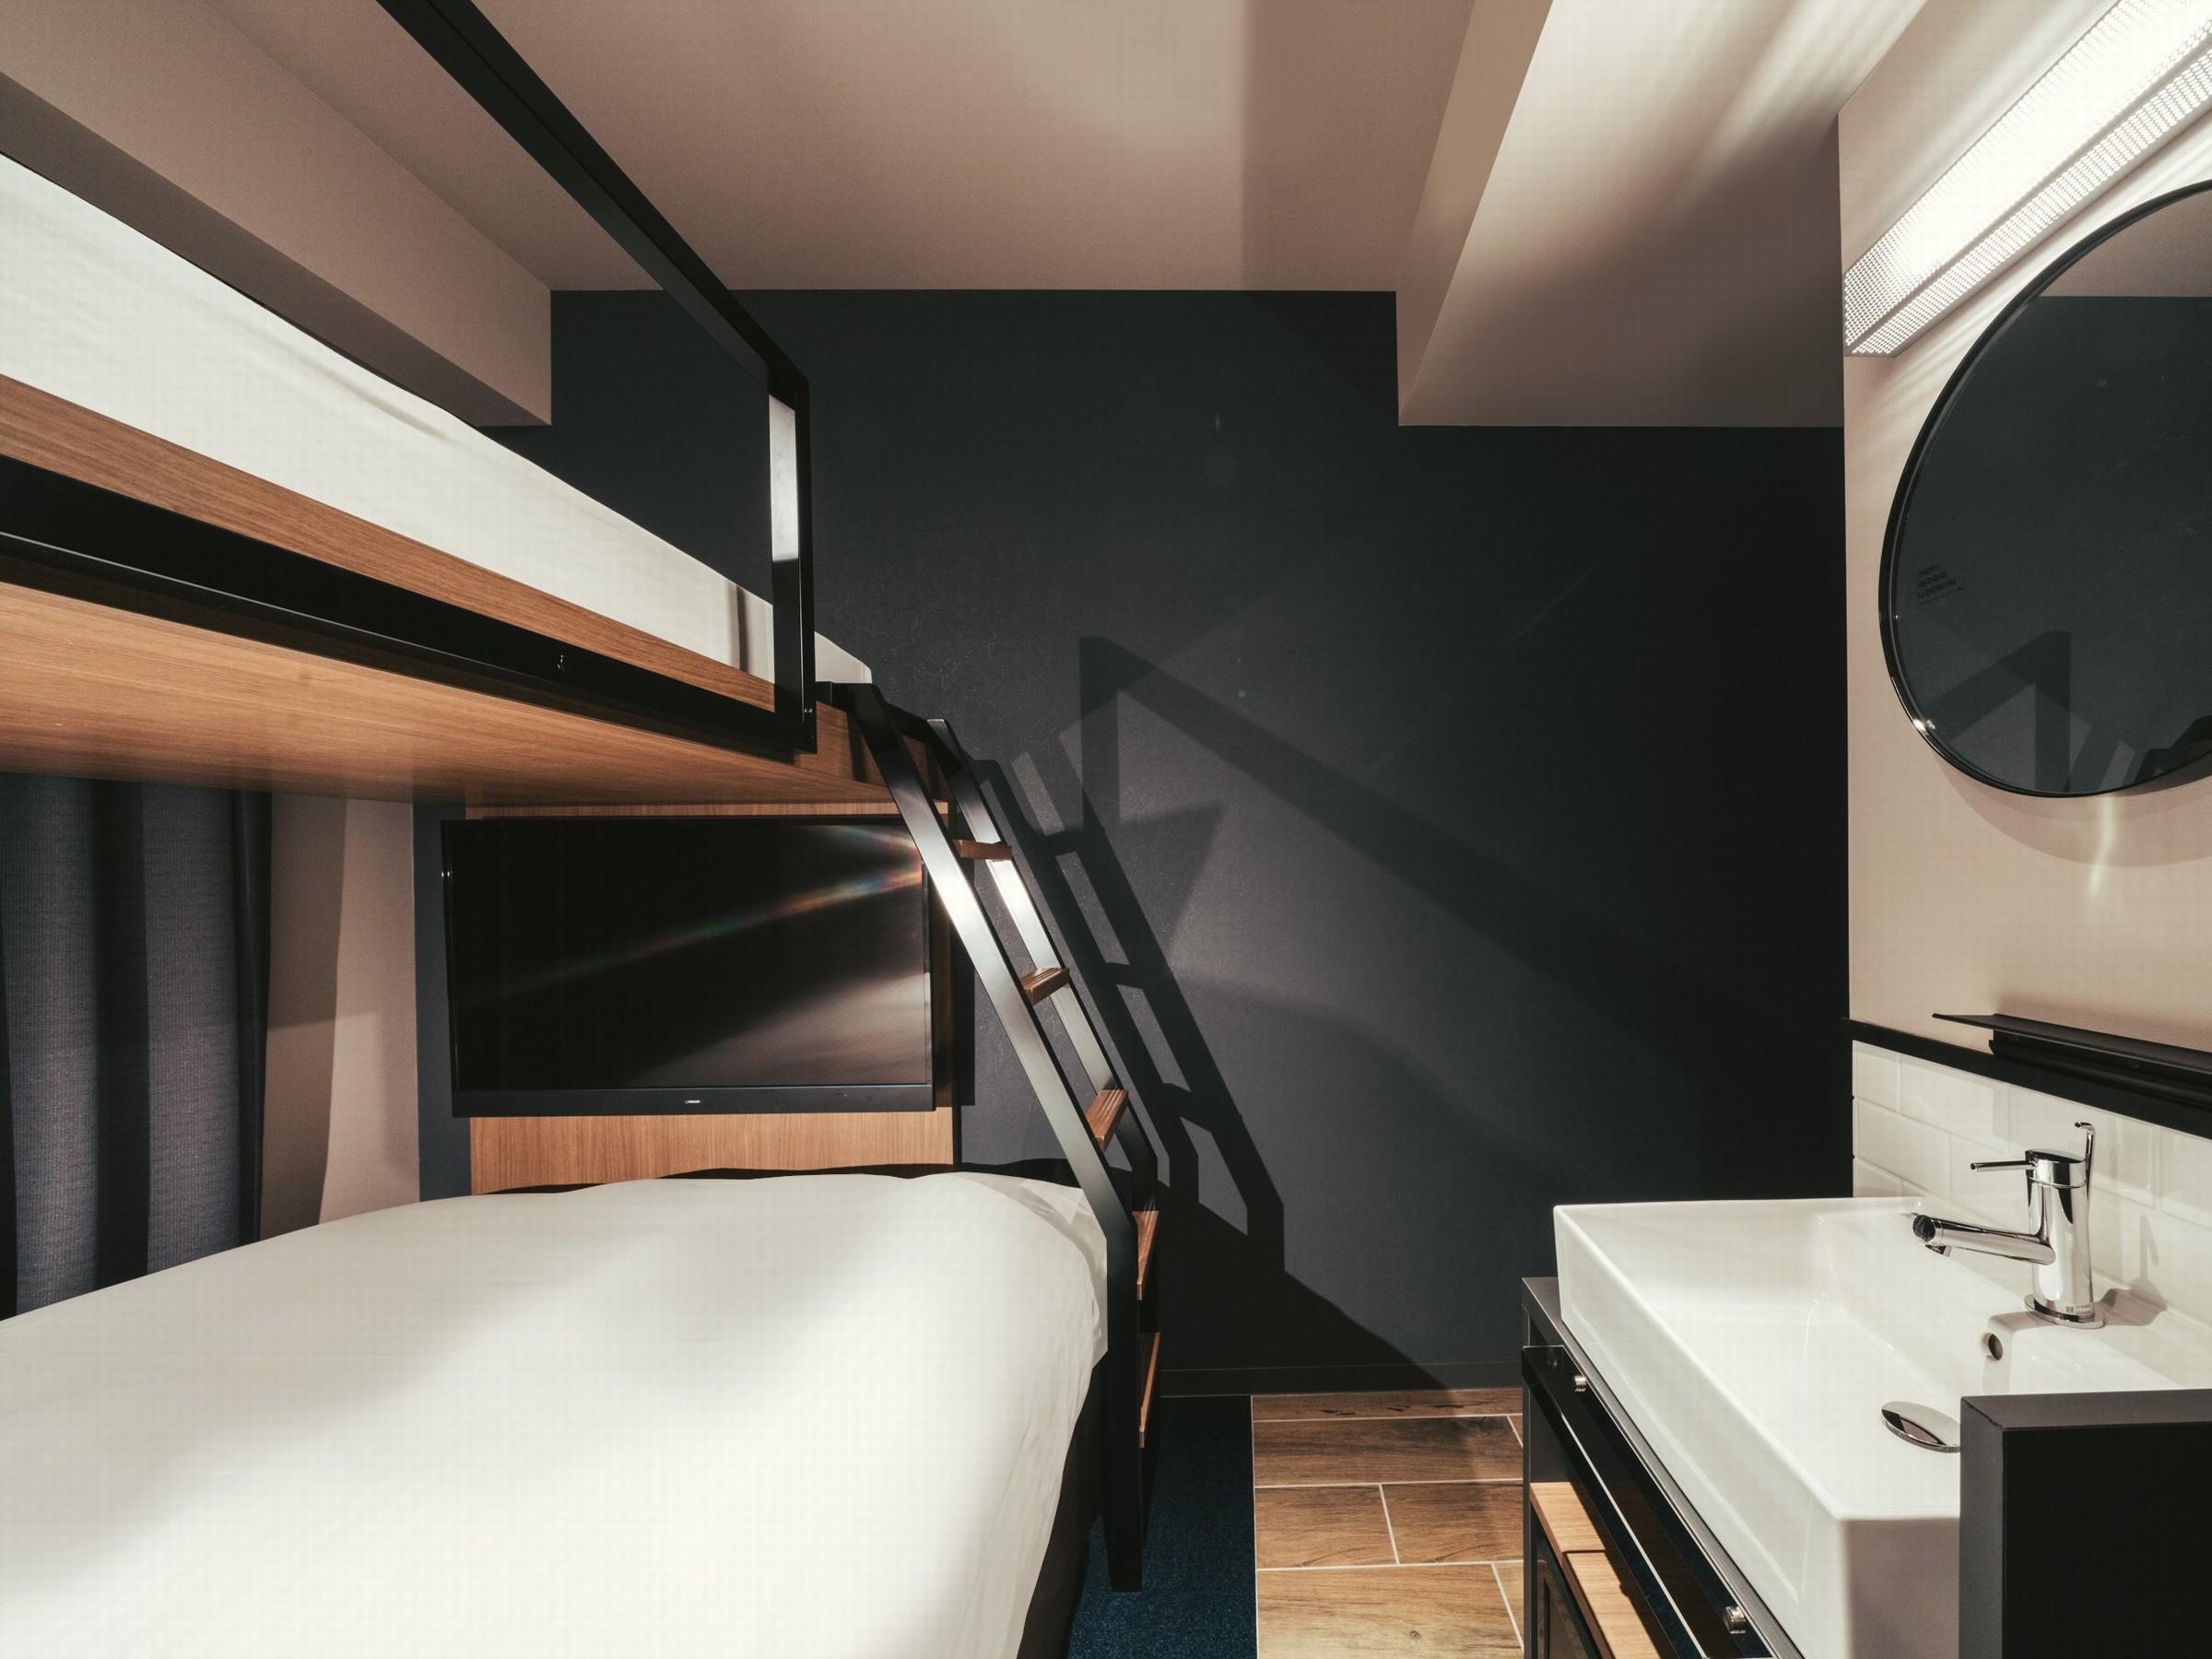 センチュリオンホテルCEN福岡博多 ◆全室禁煙◆モデレートダブル 《1-3名様》